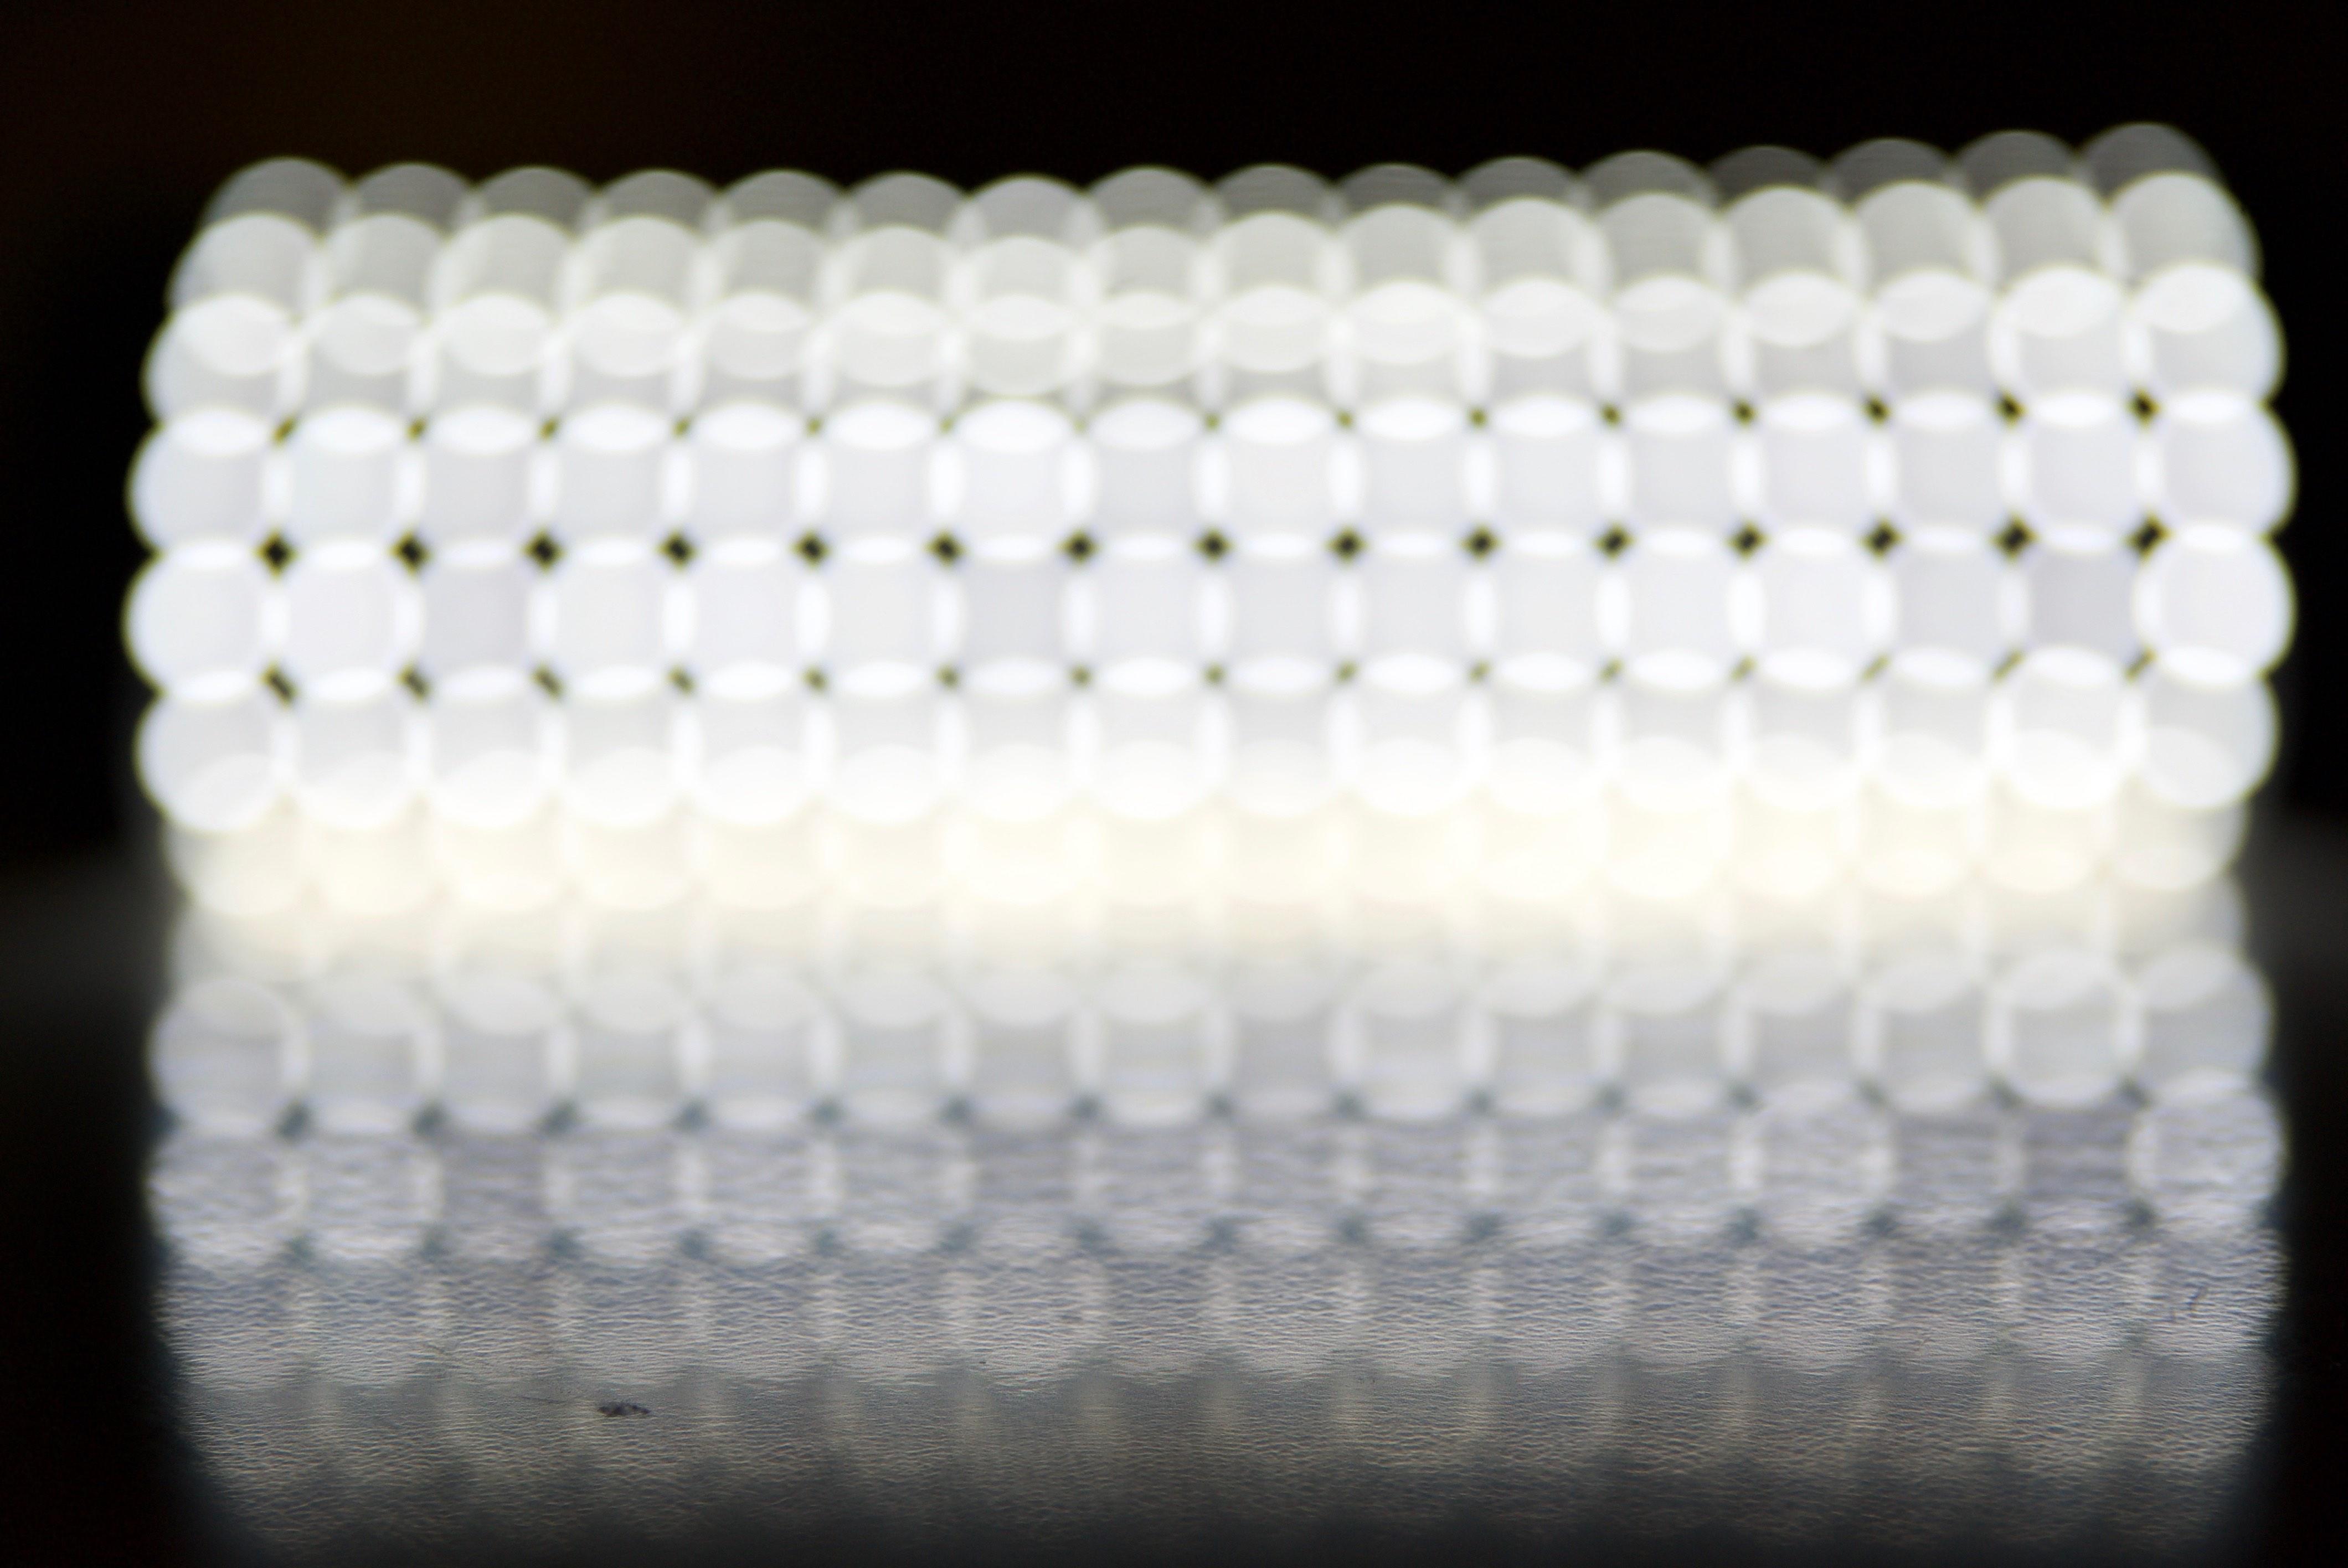 dp lumi 1x1 daylight flexible led light review newsshooter